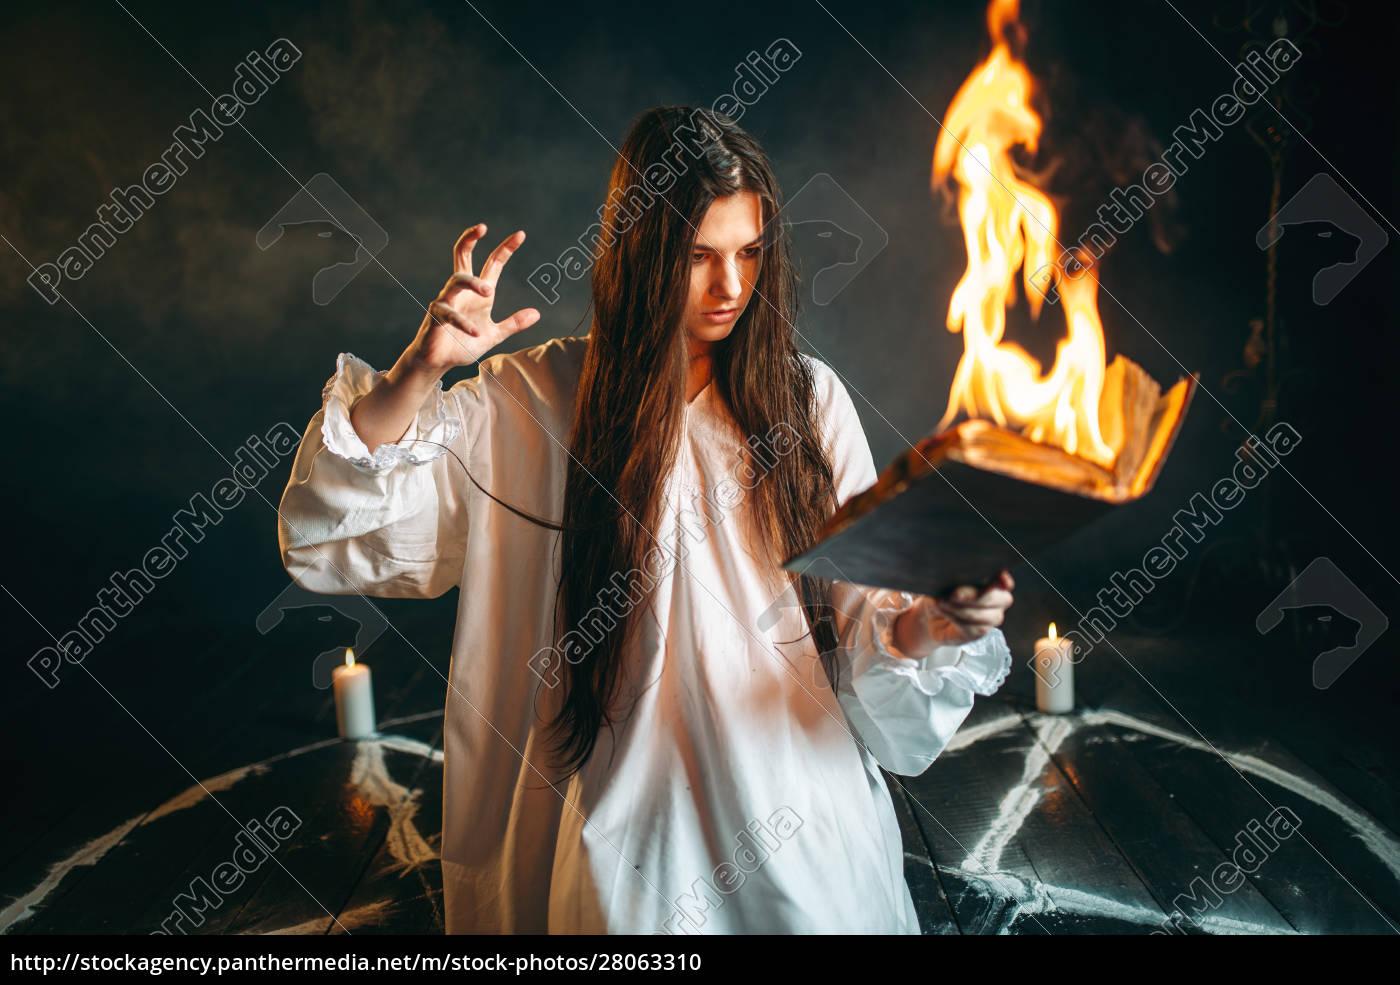 woman, sitting, in, burning, pentagram, circle, - 28063310